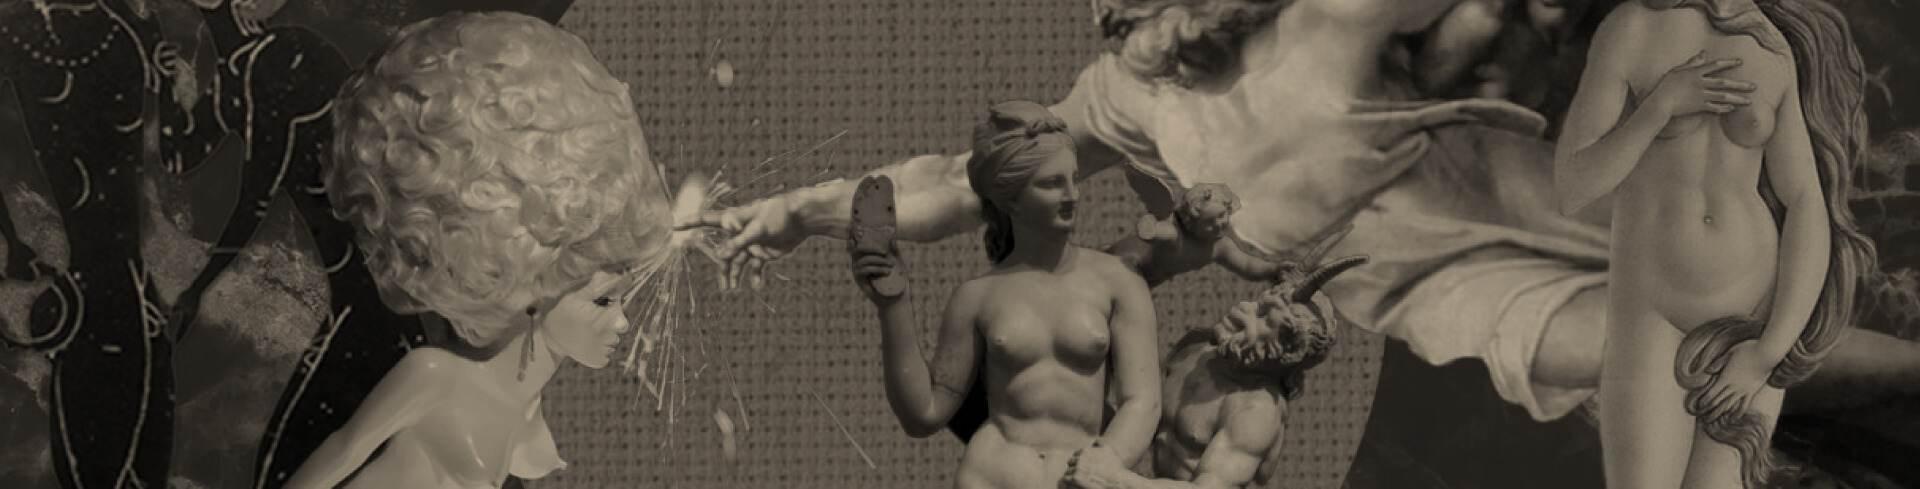 Sexualidad arte y cultura